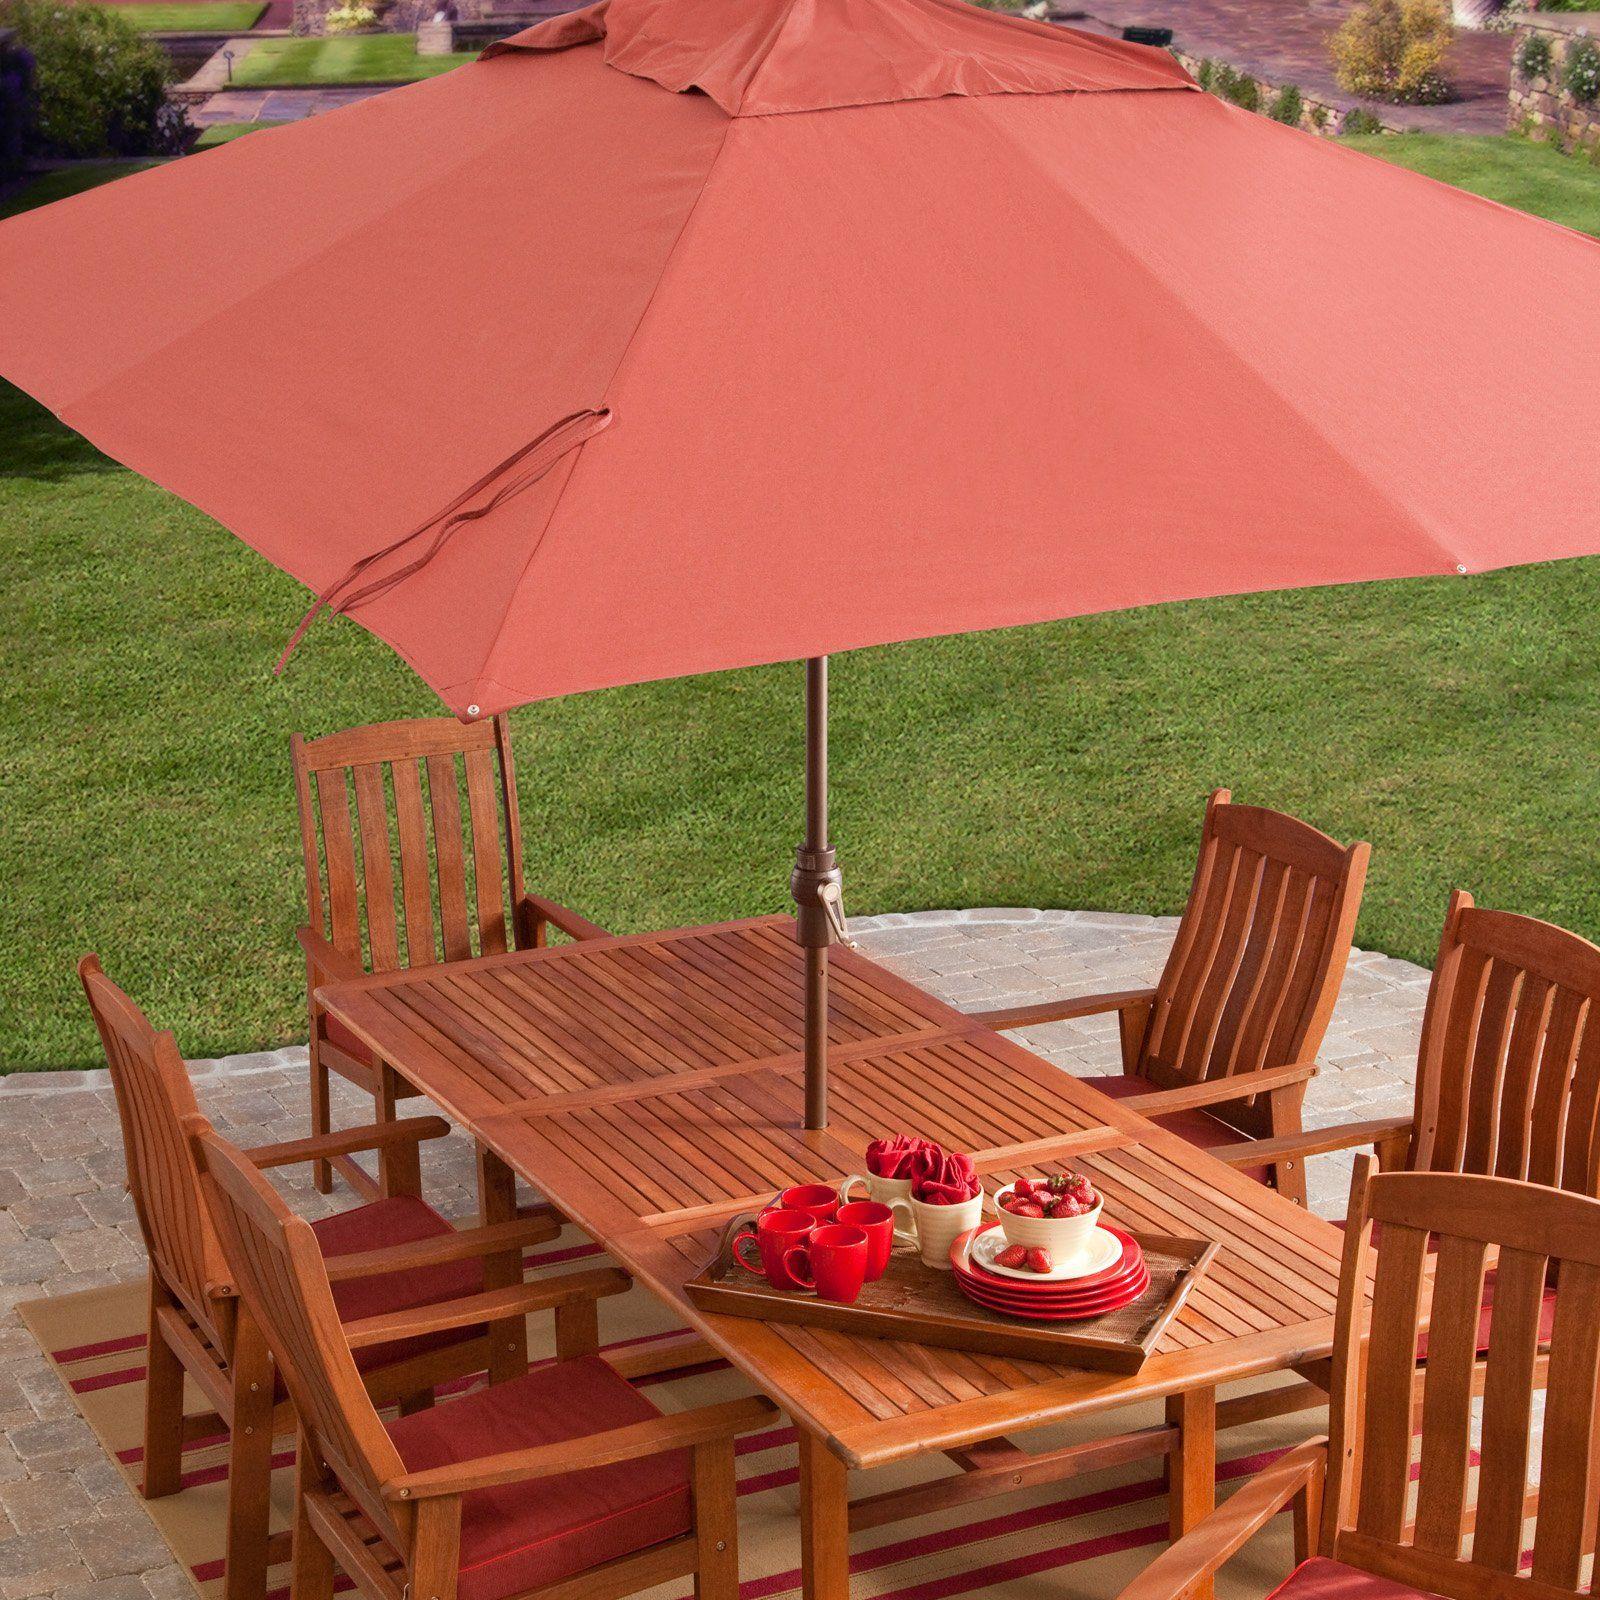 ft aluminum rectangle patio umbrella